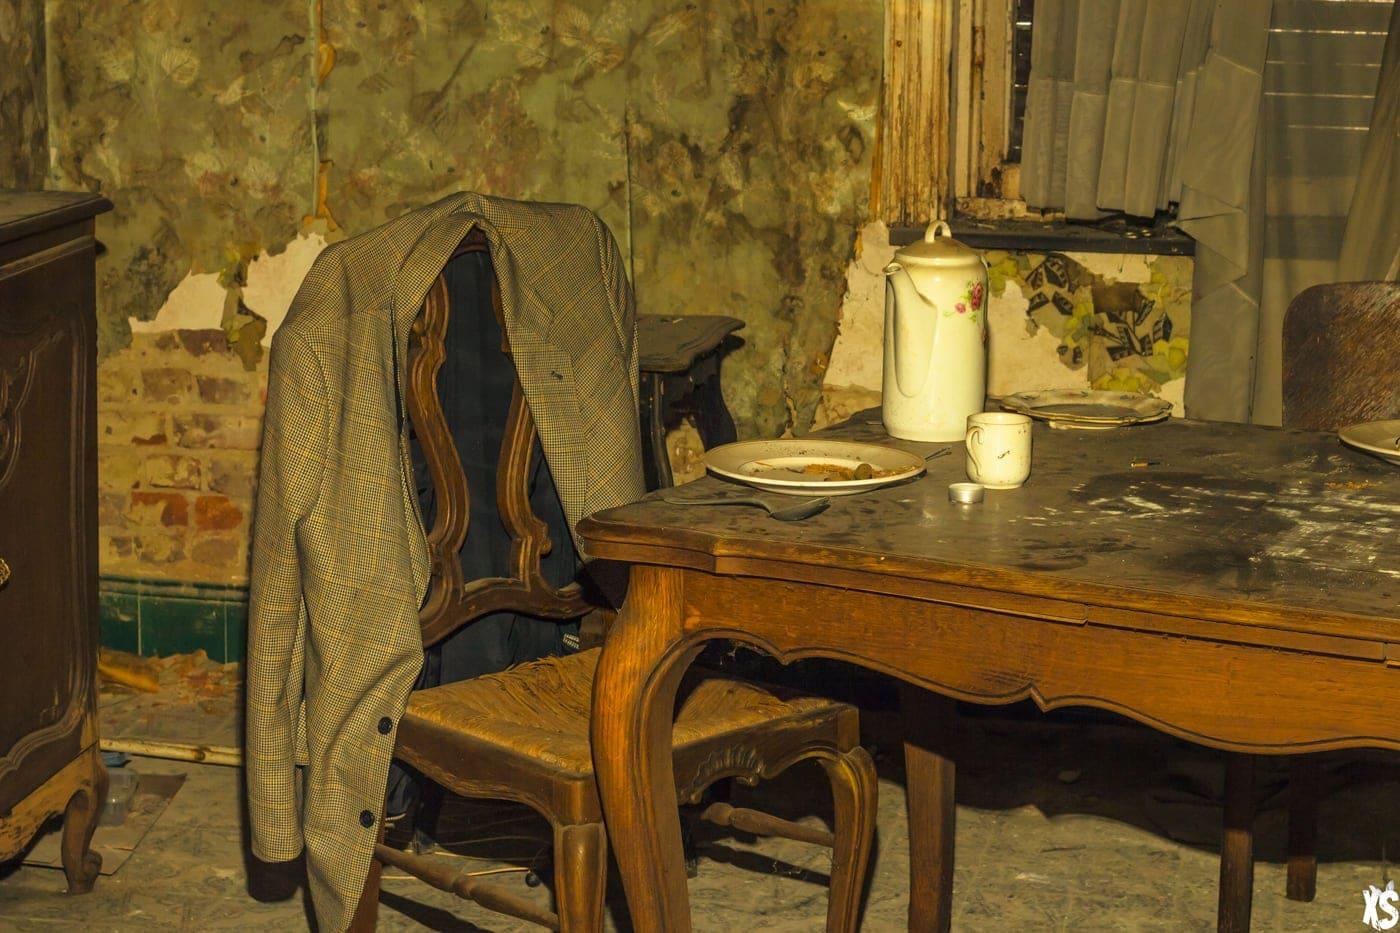 Maison abandonnée en Belgique : https://urbexsession.com/maison-luka-magnotta